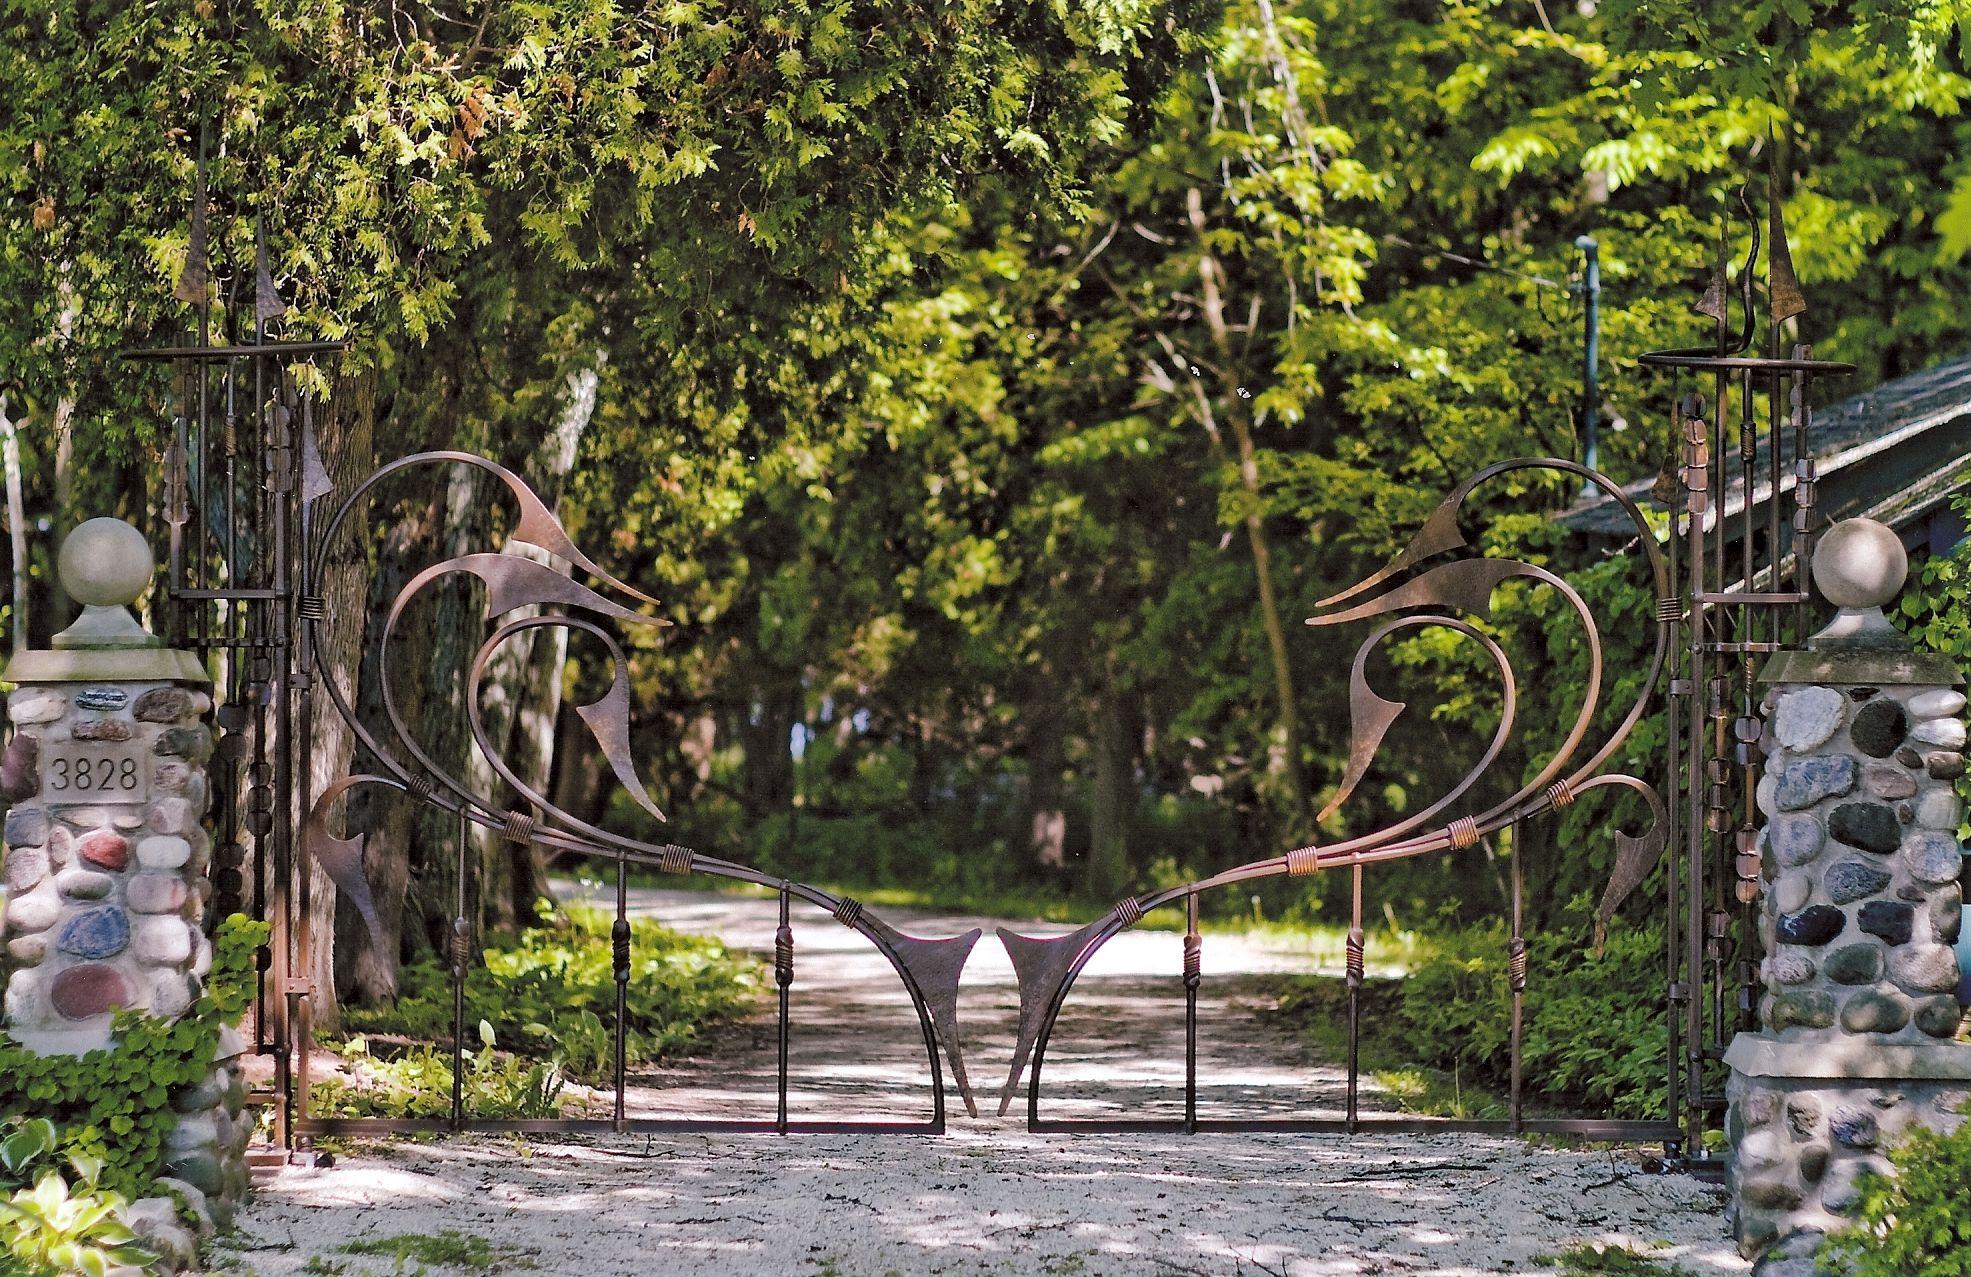 Ворота из профильной трубы: преимущества и изготовление своими руками (22 фото)